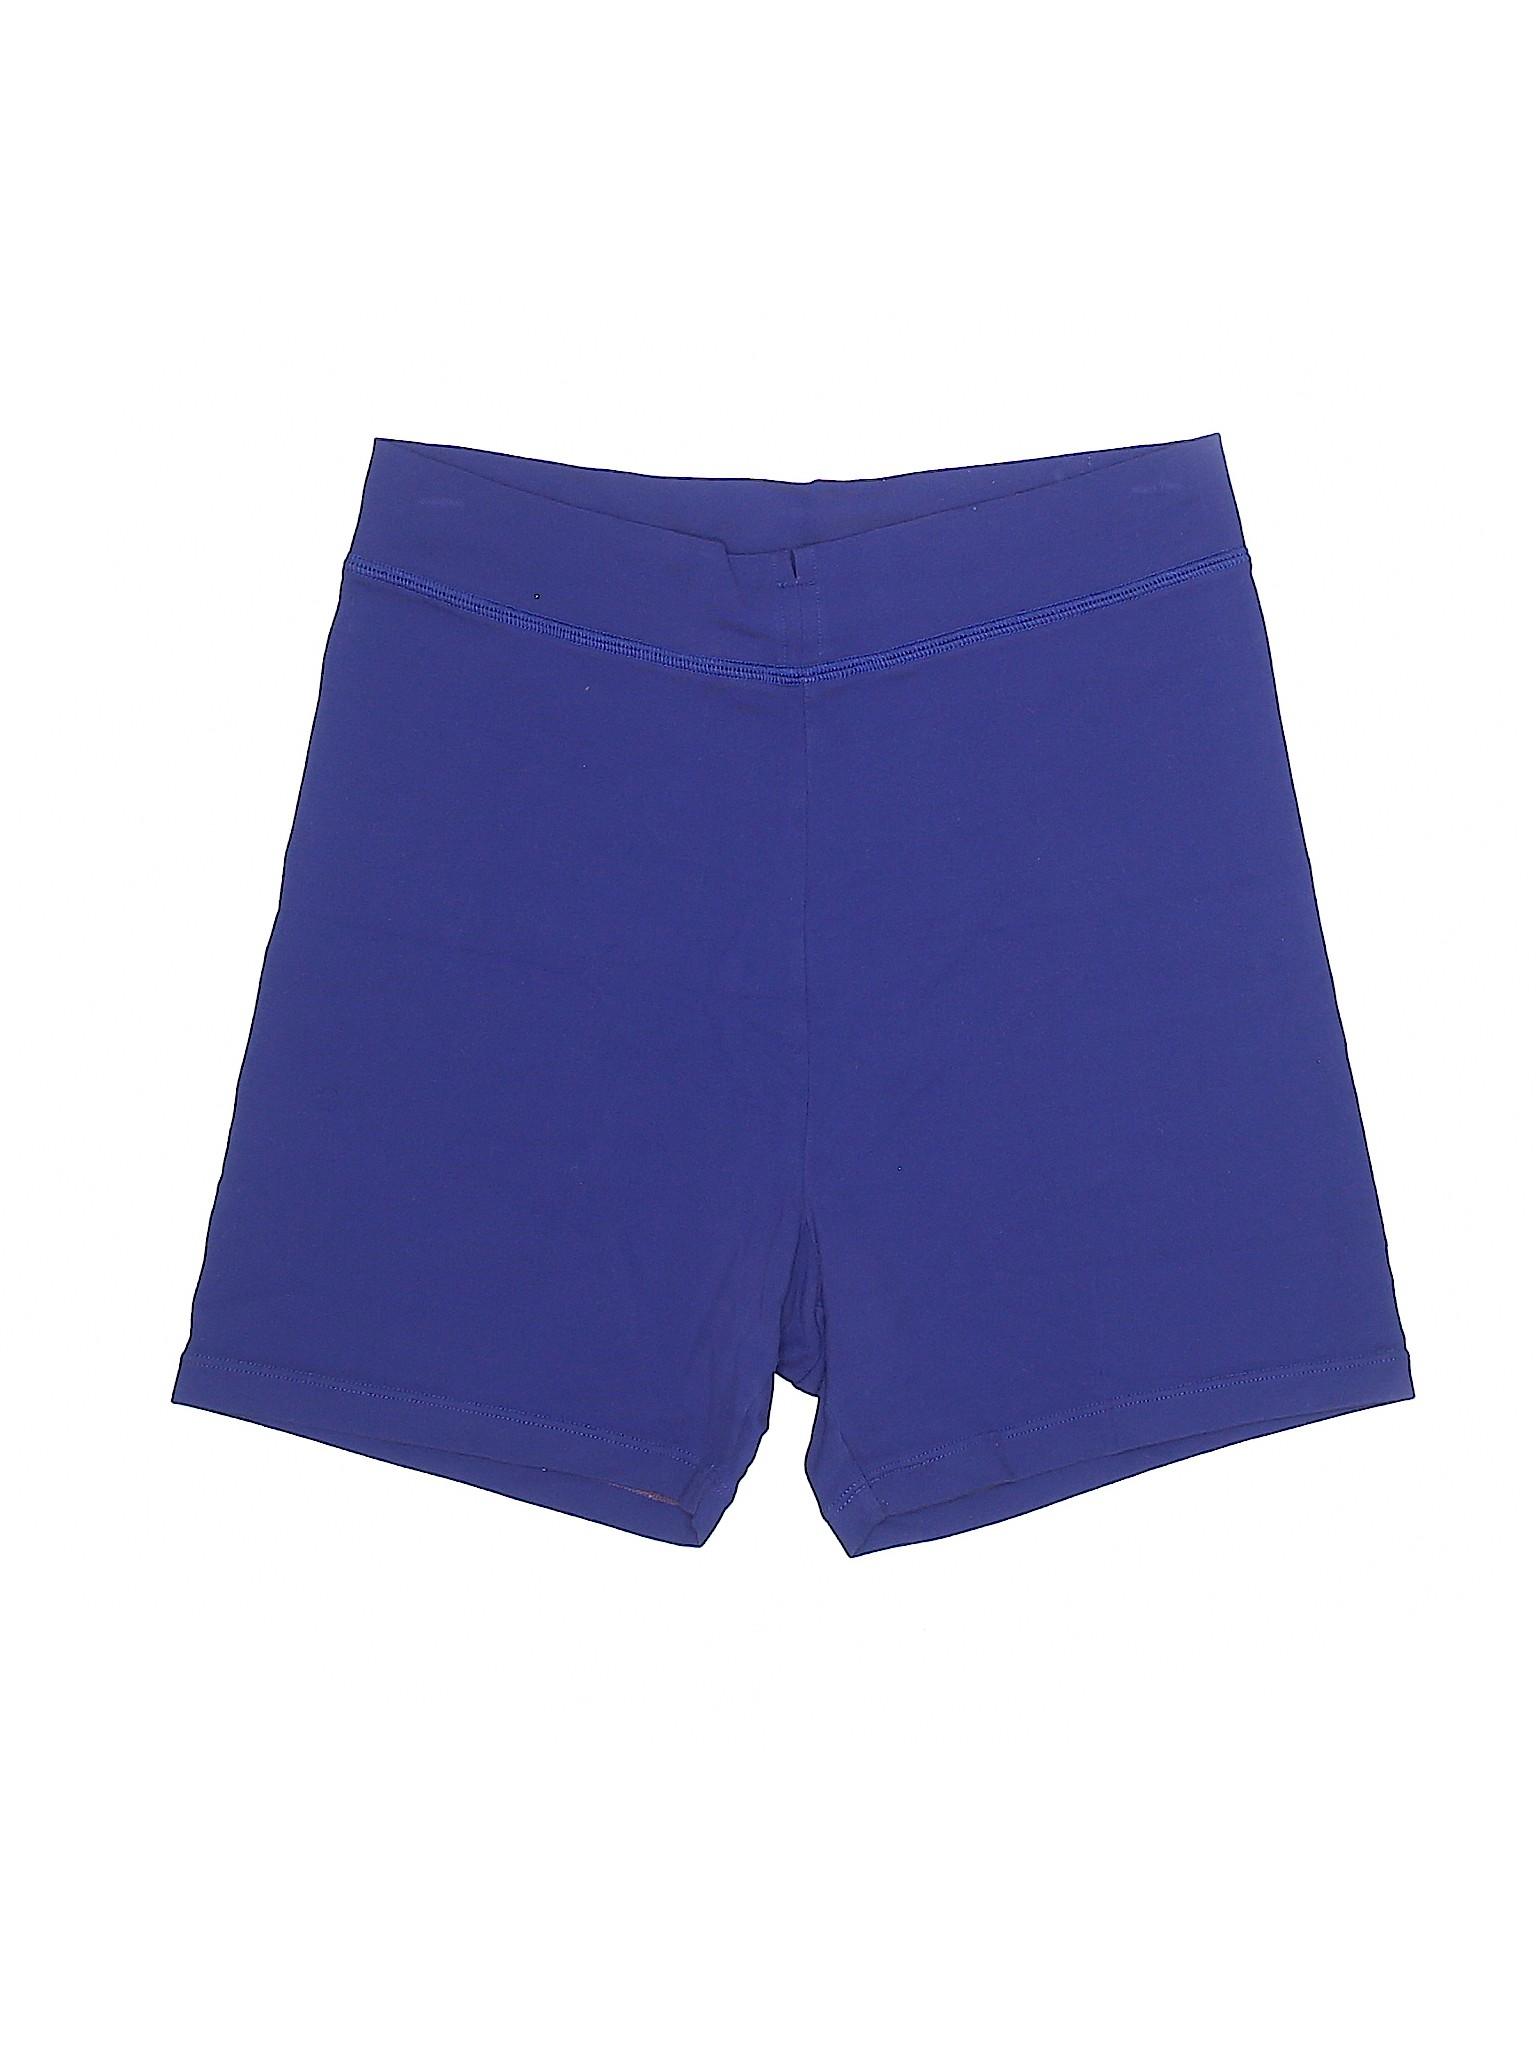 leisure Republic Shorts Boutique Banana Athletic ZwPnCq